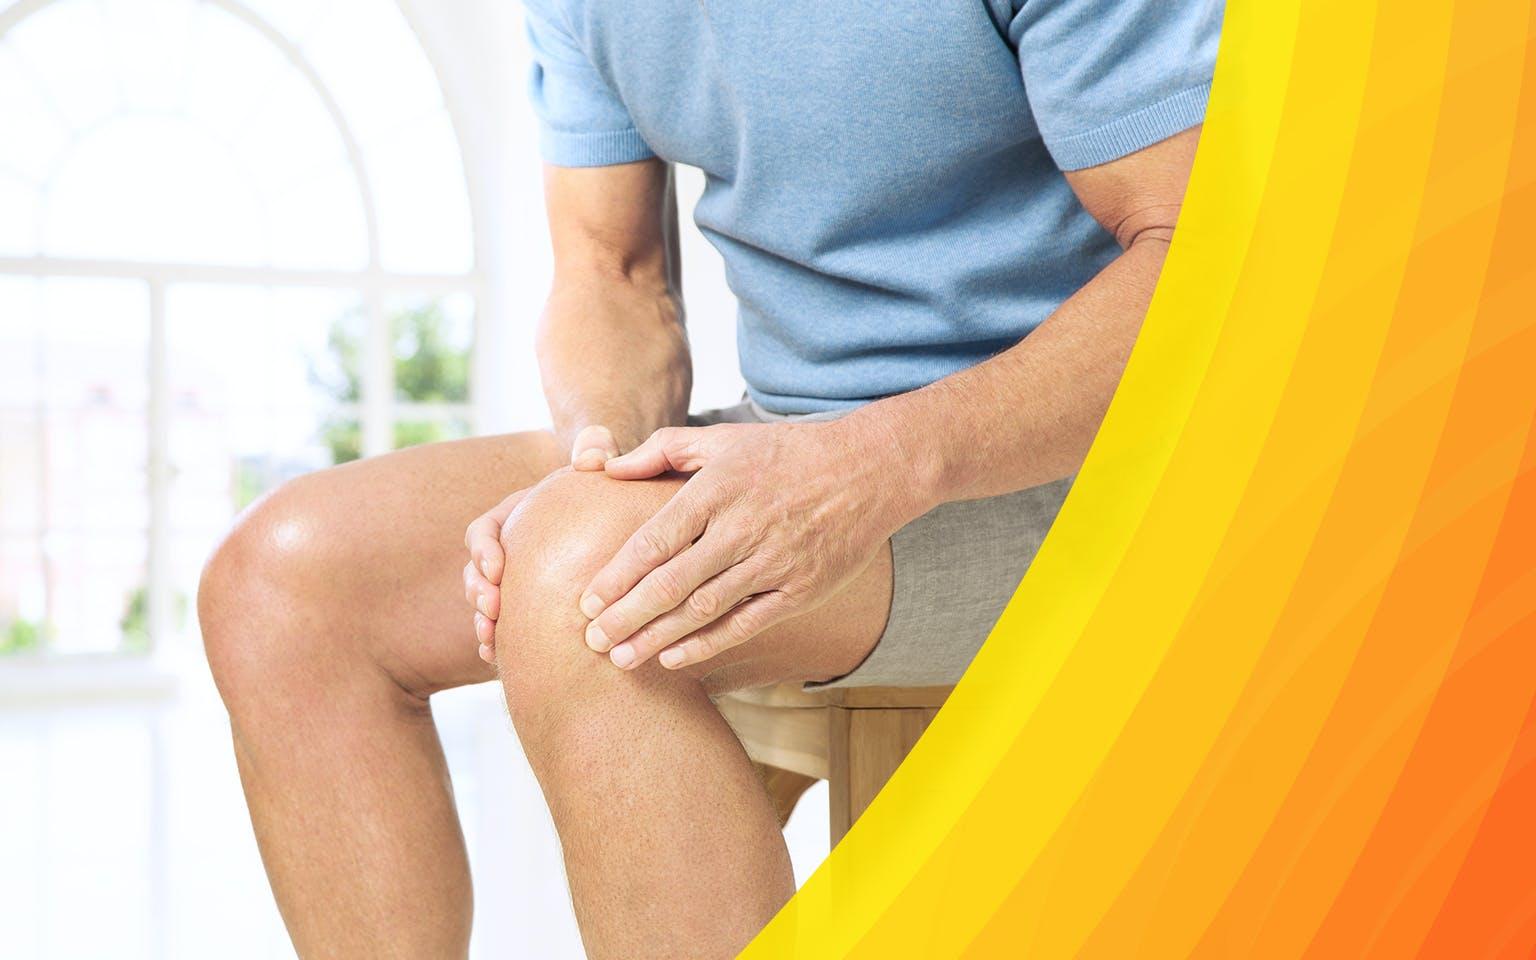 nuo skausmo sąnariuose padės pagrindiniai skausmas užpakalis